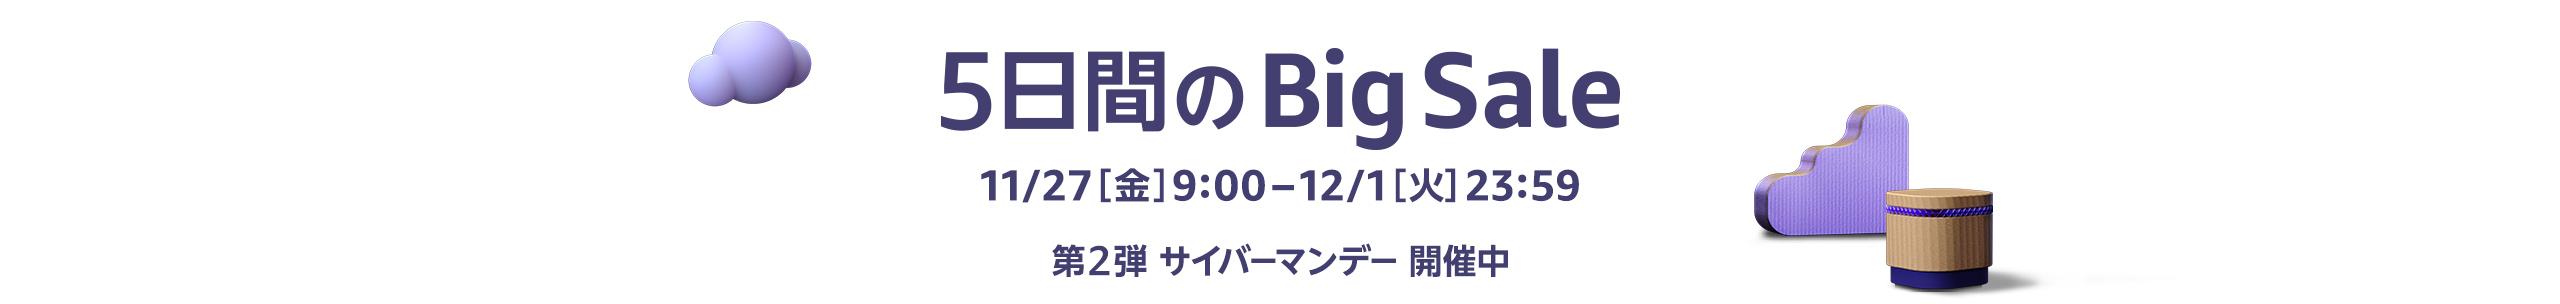 5日間のBig Sale 11/27 [金] 9:00 - 12/1 [火]23:59 第2弾 サイバーマンデー 開催中